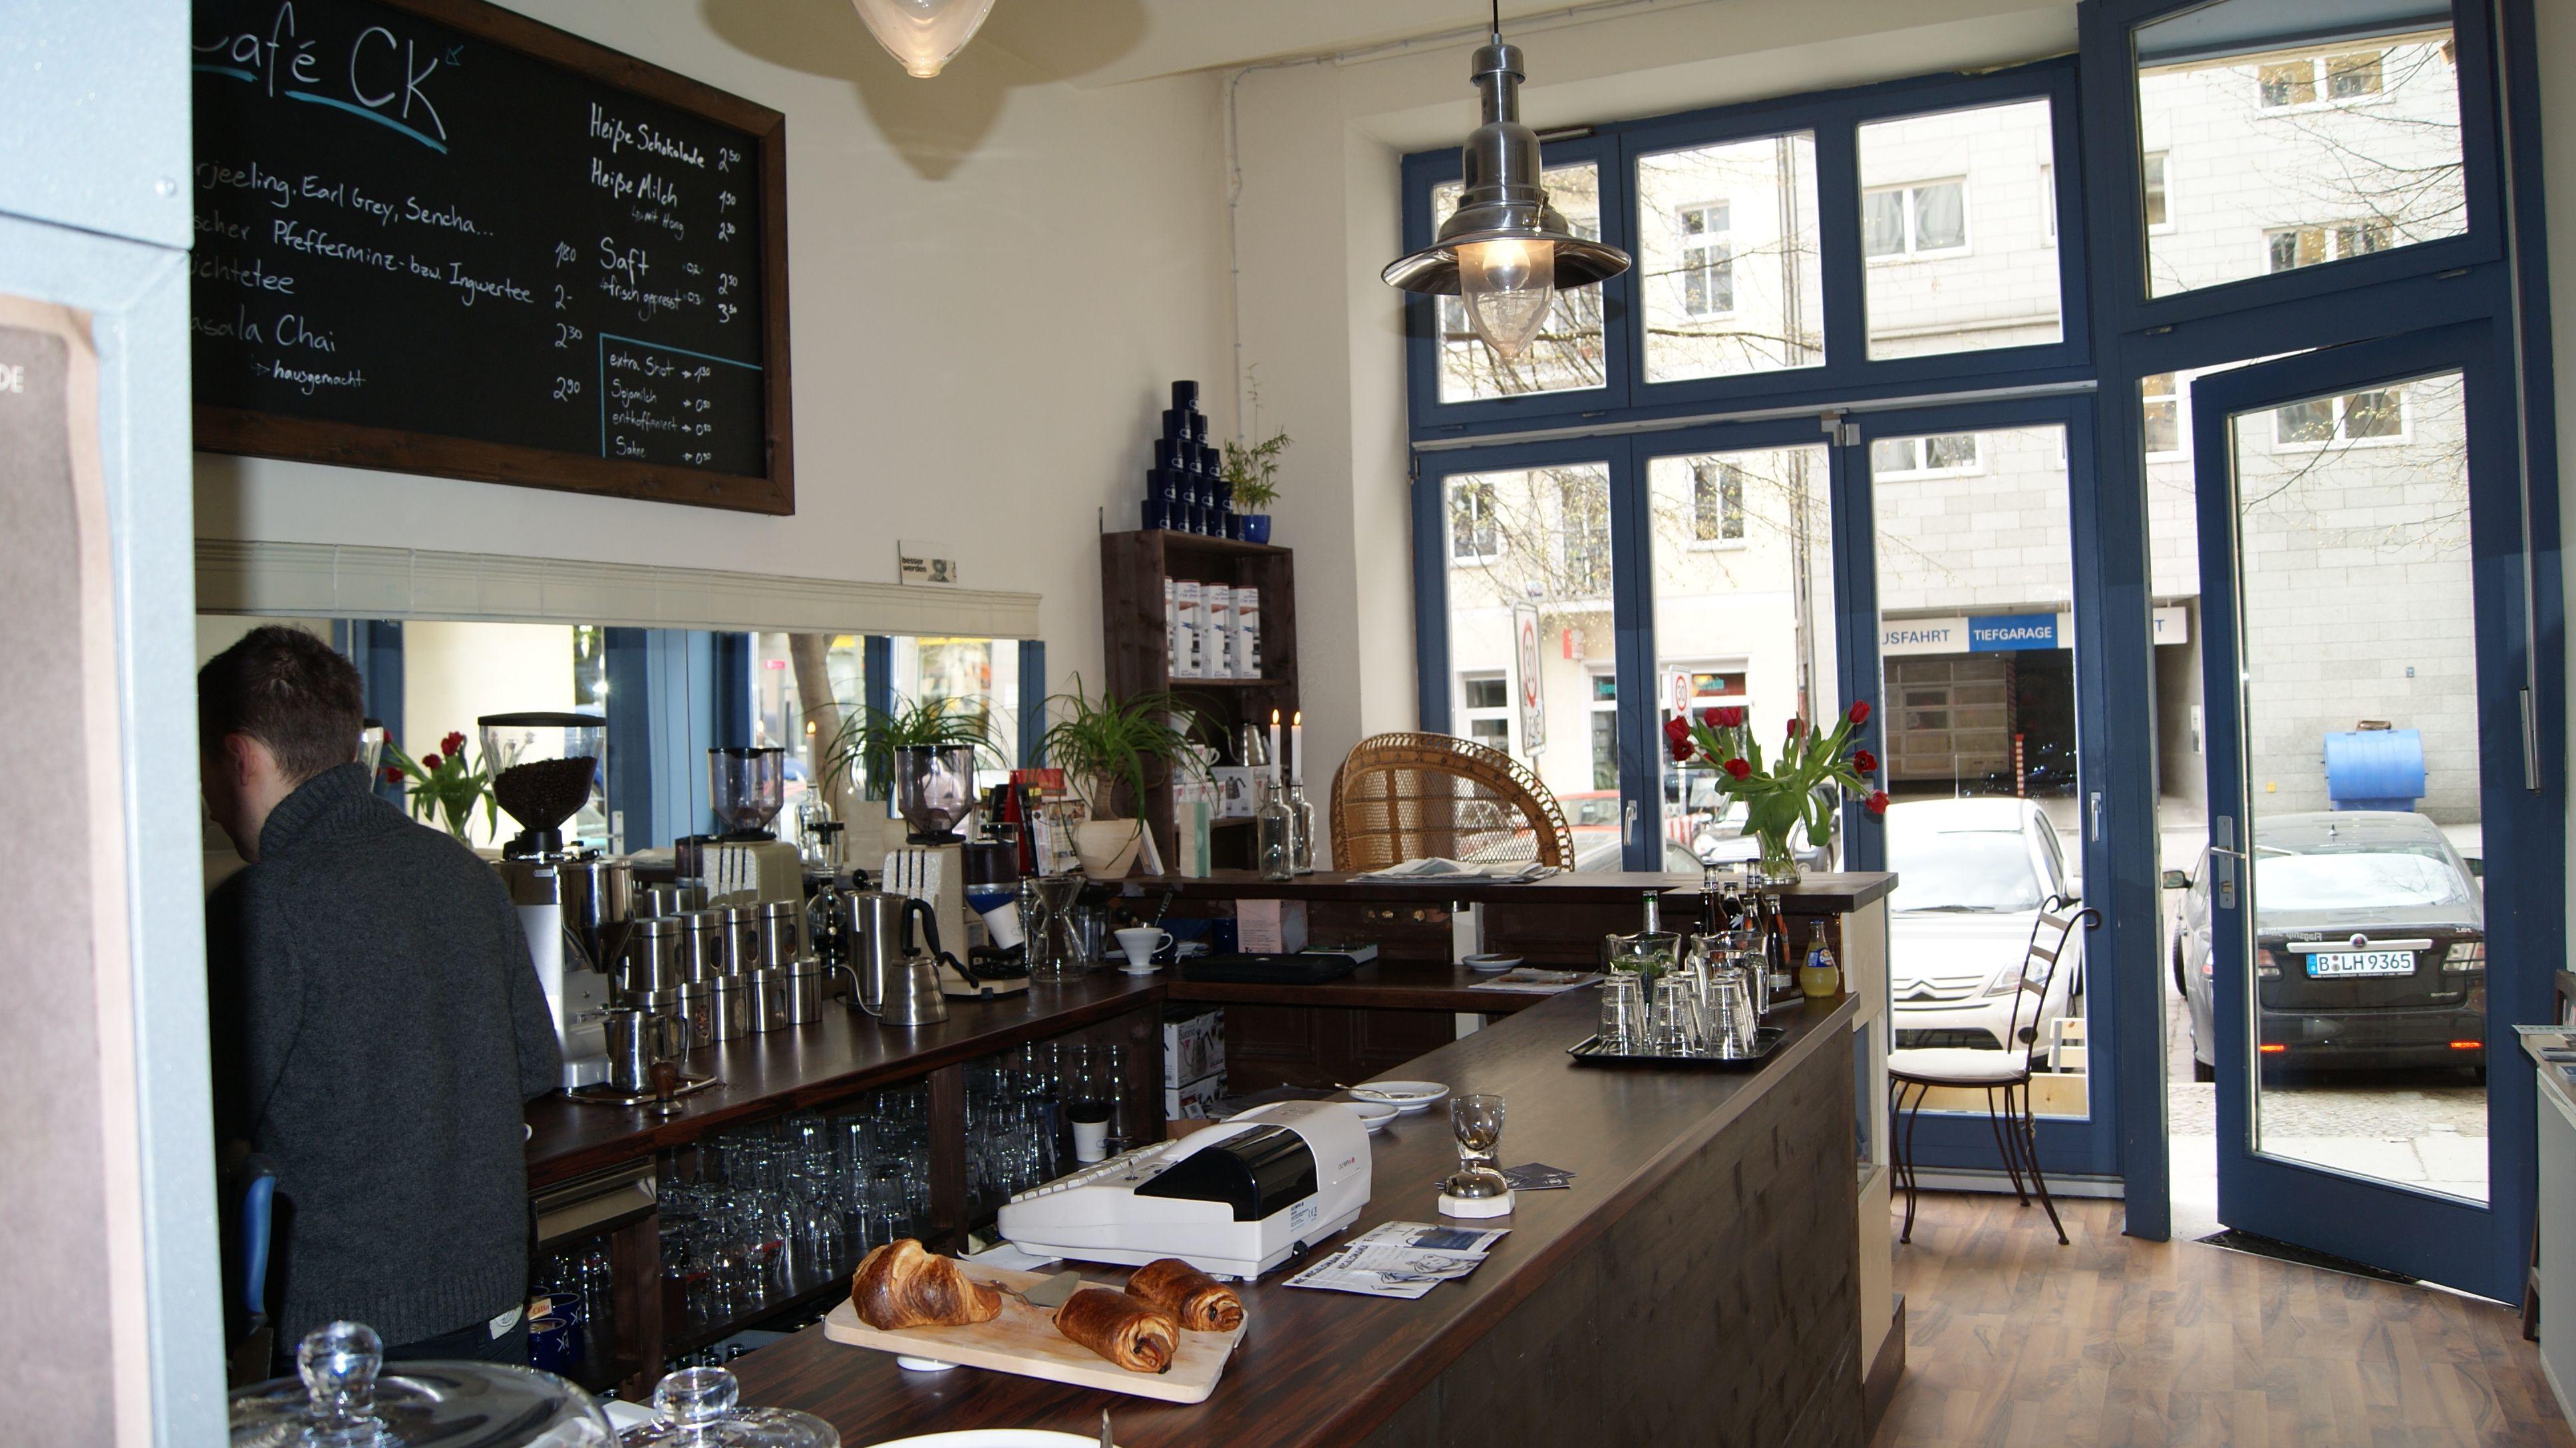 Cafe Wohnzimmer Berlin abzukühlen Abbild und Dcfccfadafdfcbc Jpg